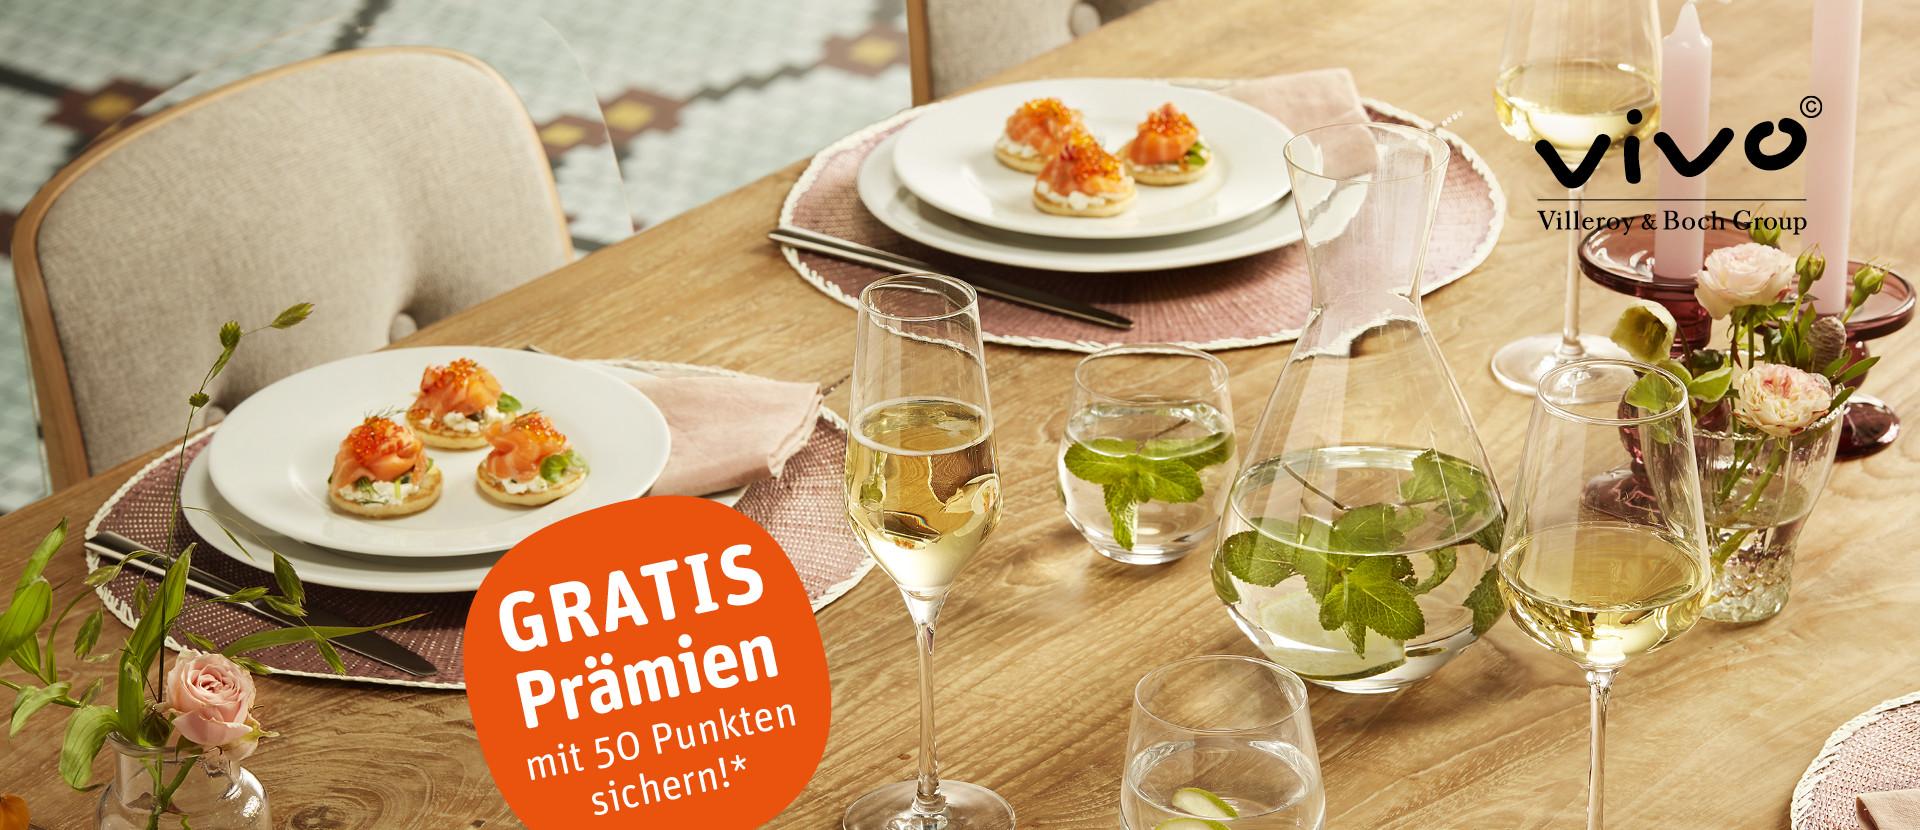 gedeckter Tisch mit Gläsern und Tellern